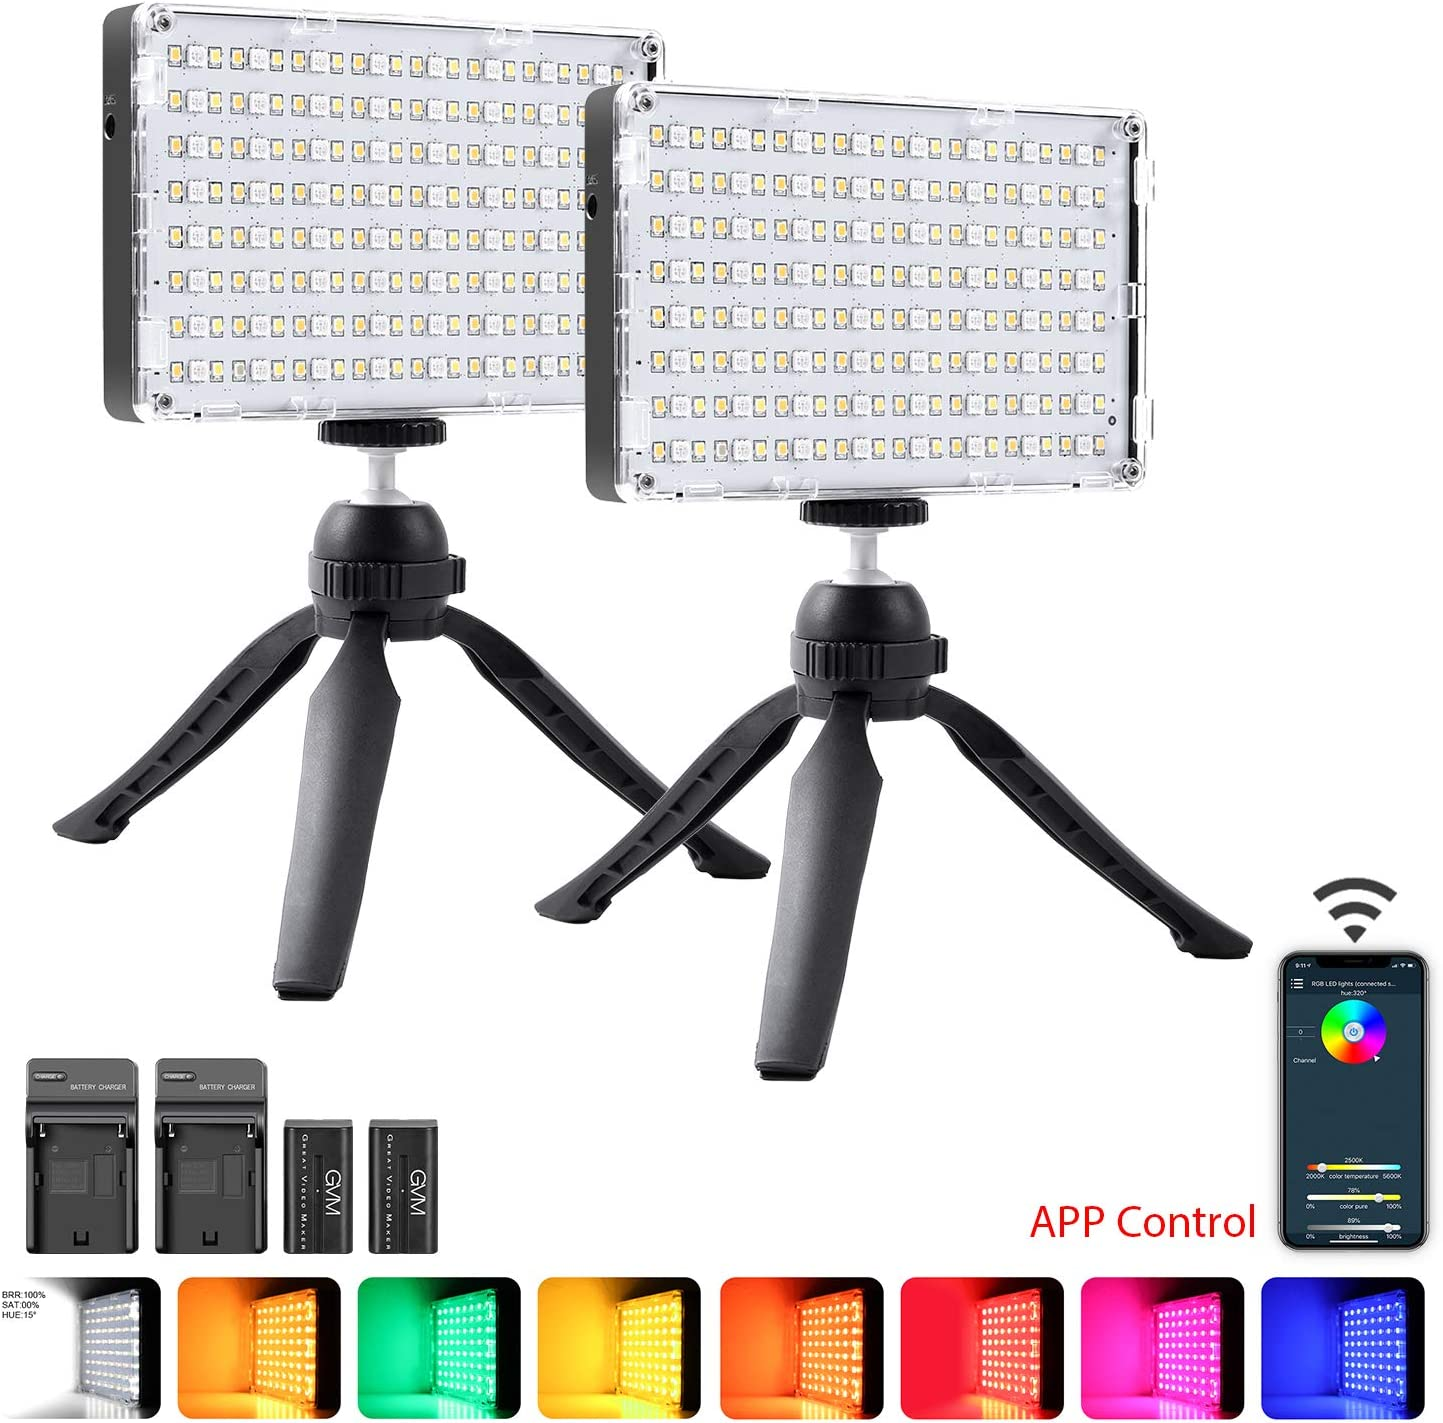 GVM 2 Pack RGB Camera Light, Video Lighting Kit with APP Control, 360° Full Color 8 Common Light Effects, CRI≥97 3200-5600K LED Video Light Panel for YouTube DSLR Lighting